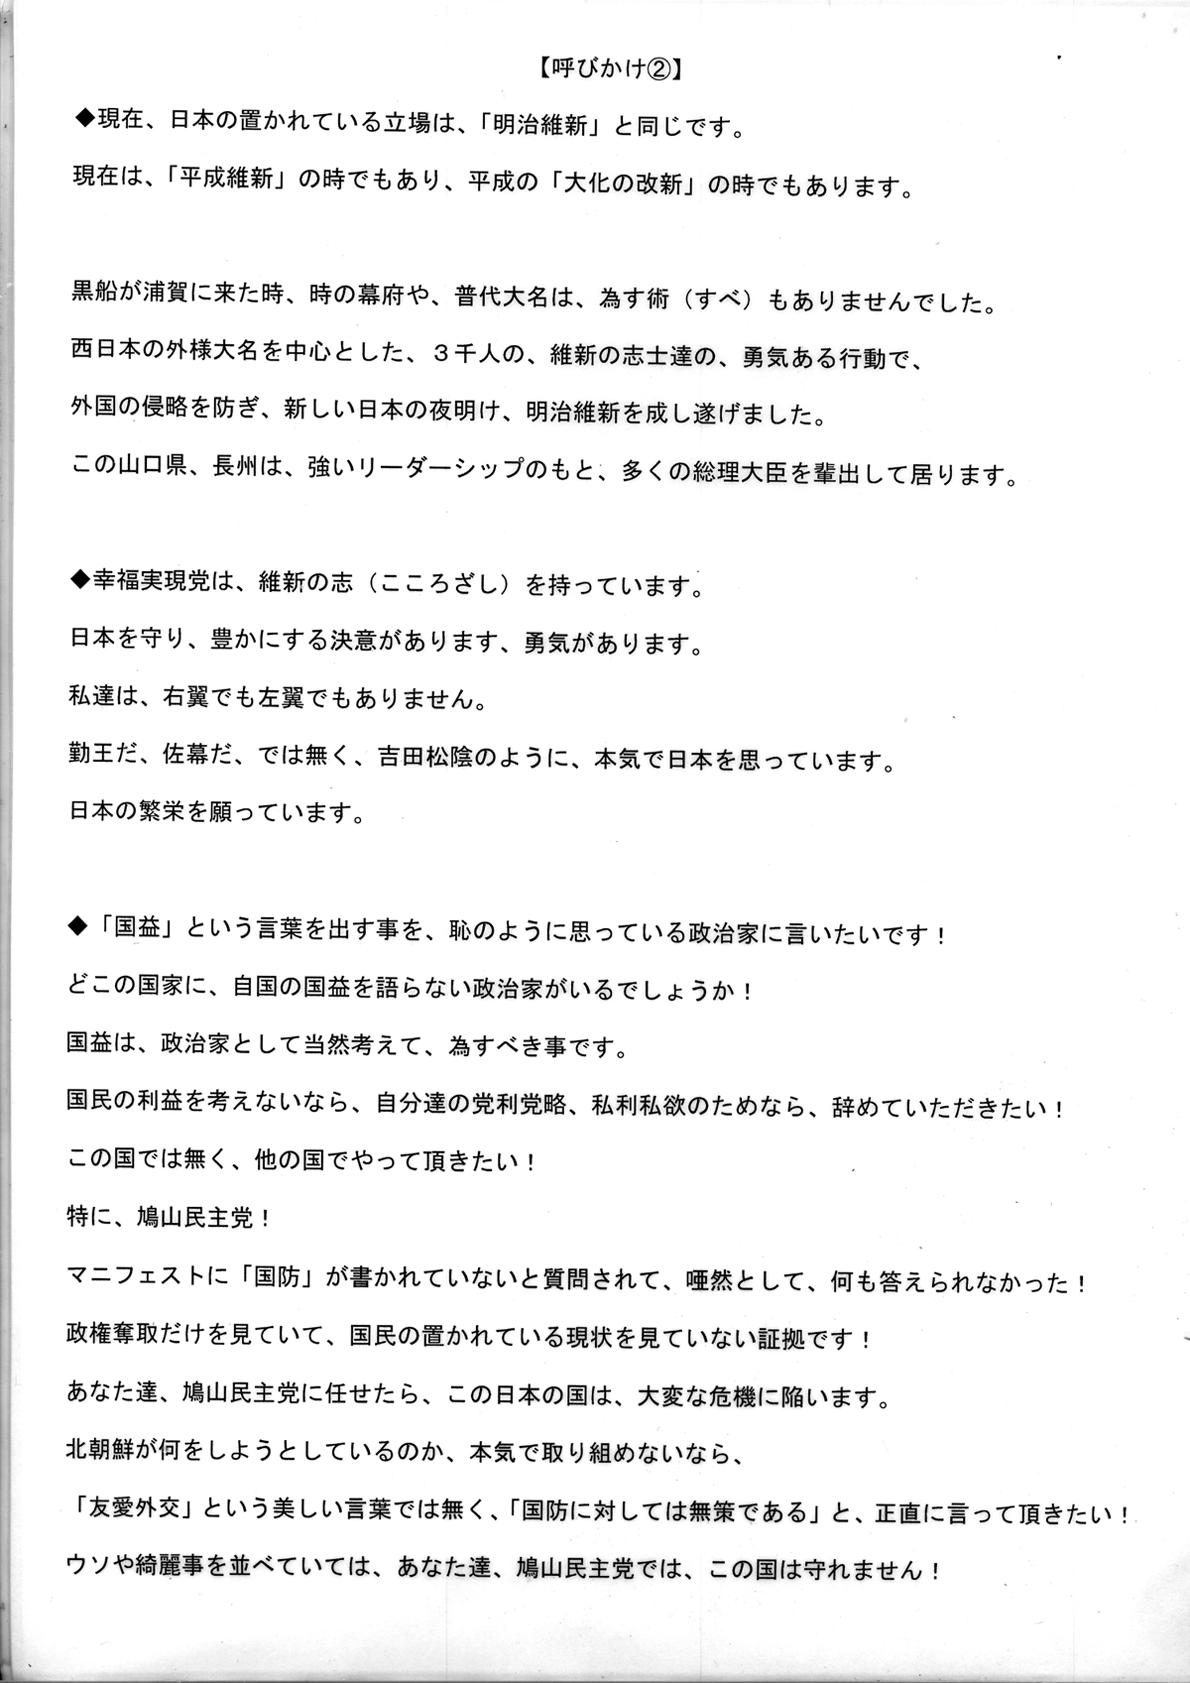 2012-08-07-02.jpg